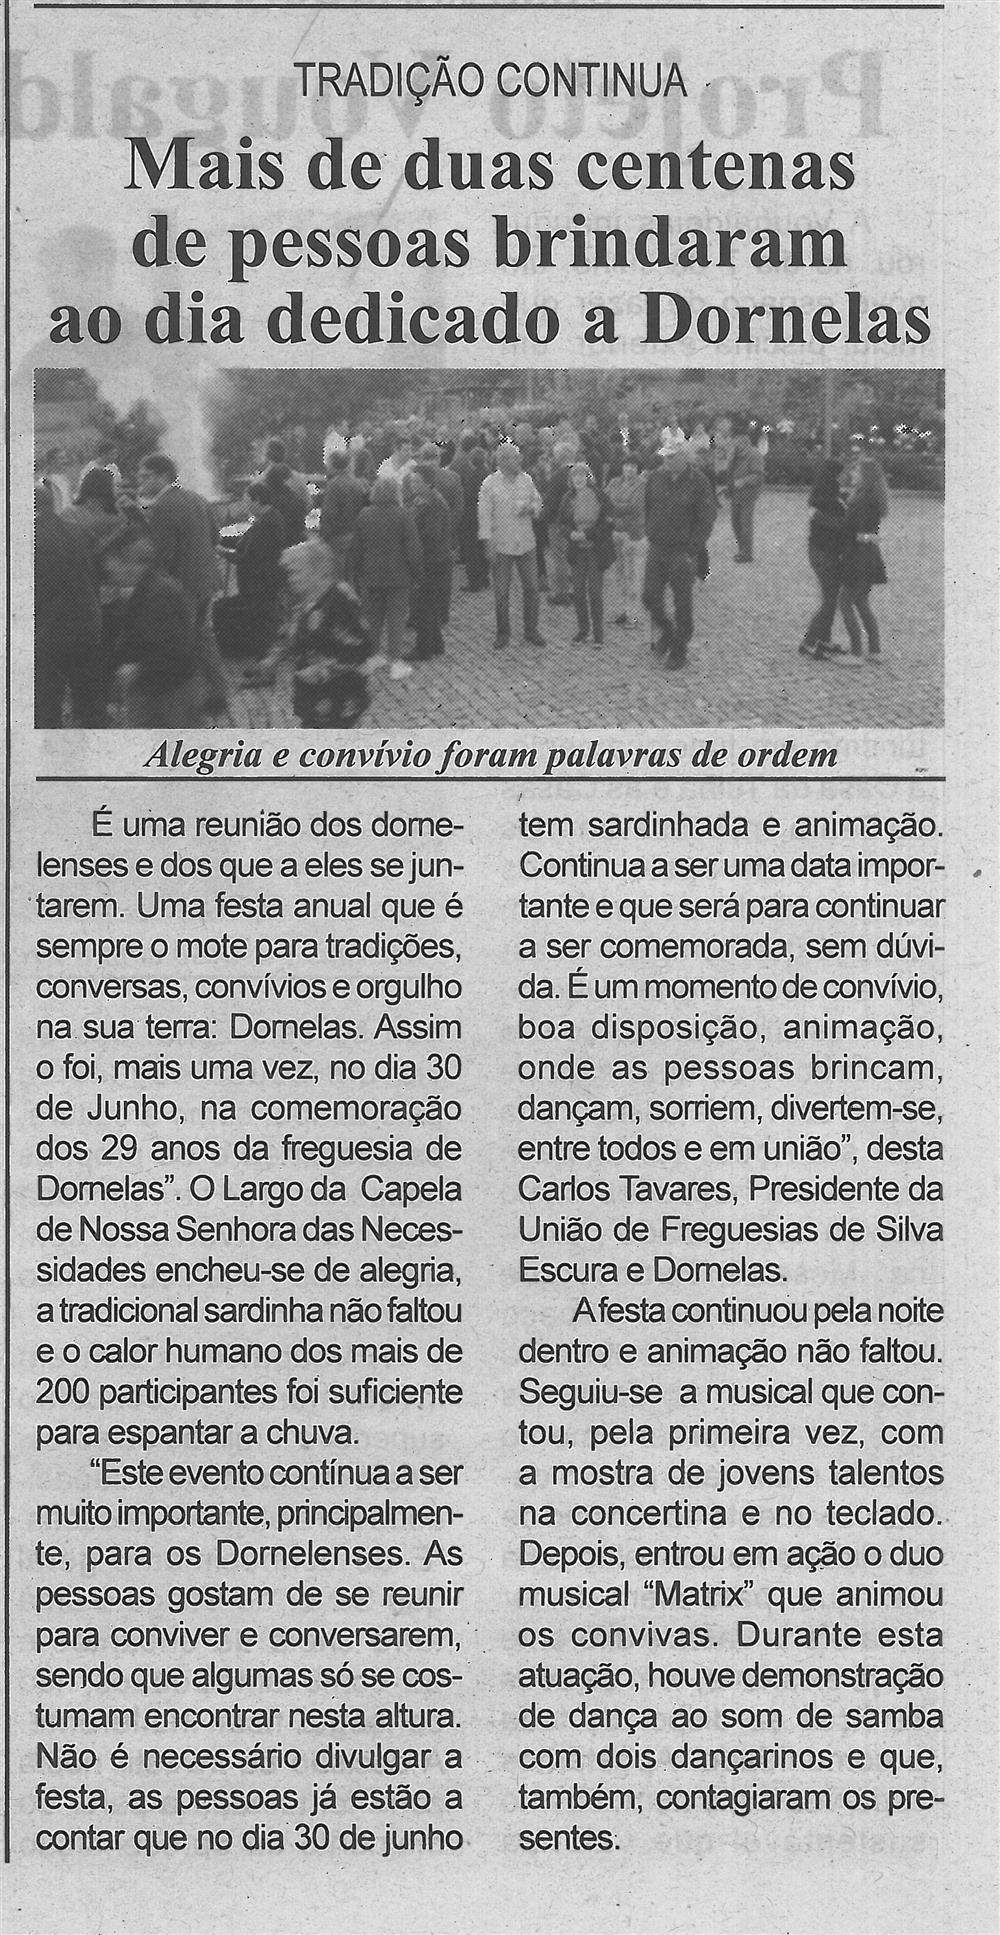 BV-2.ªjul.'18-p.4-Mais de duas centenas de pessoas brindaram ao dia dedicado a Dornelas.jpg